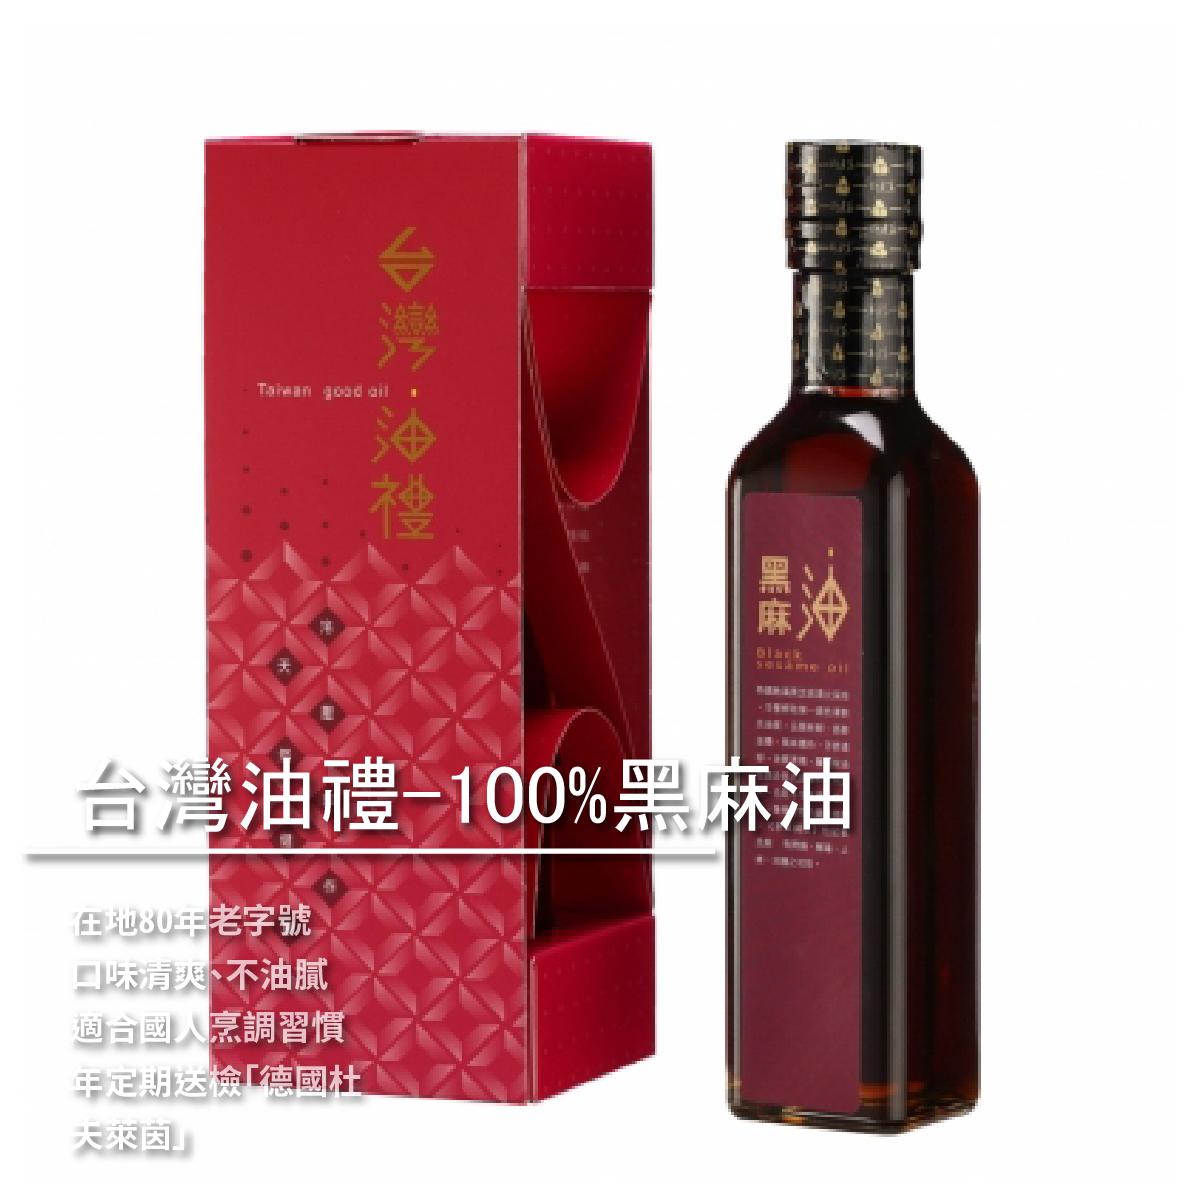 【新建美-主婦油品】台灣油禮-100%黑麻油250ML